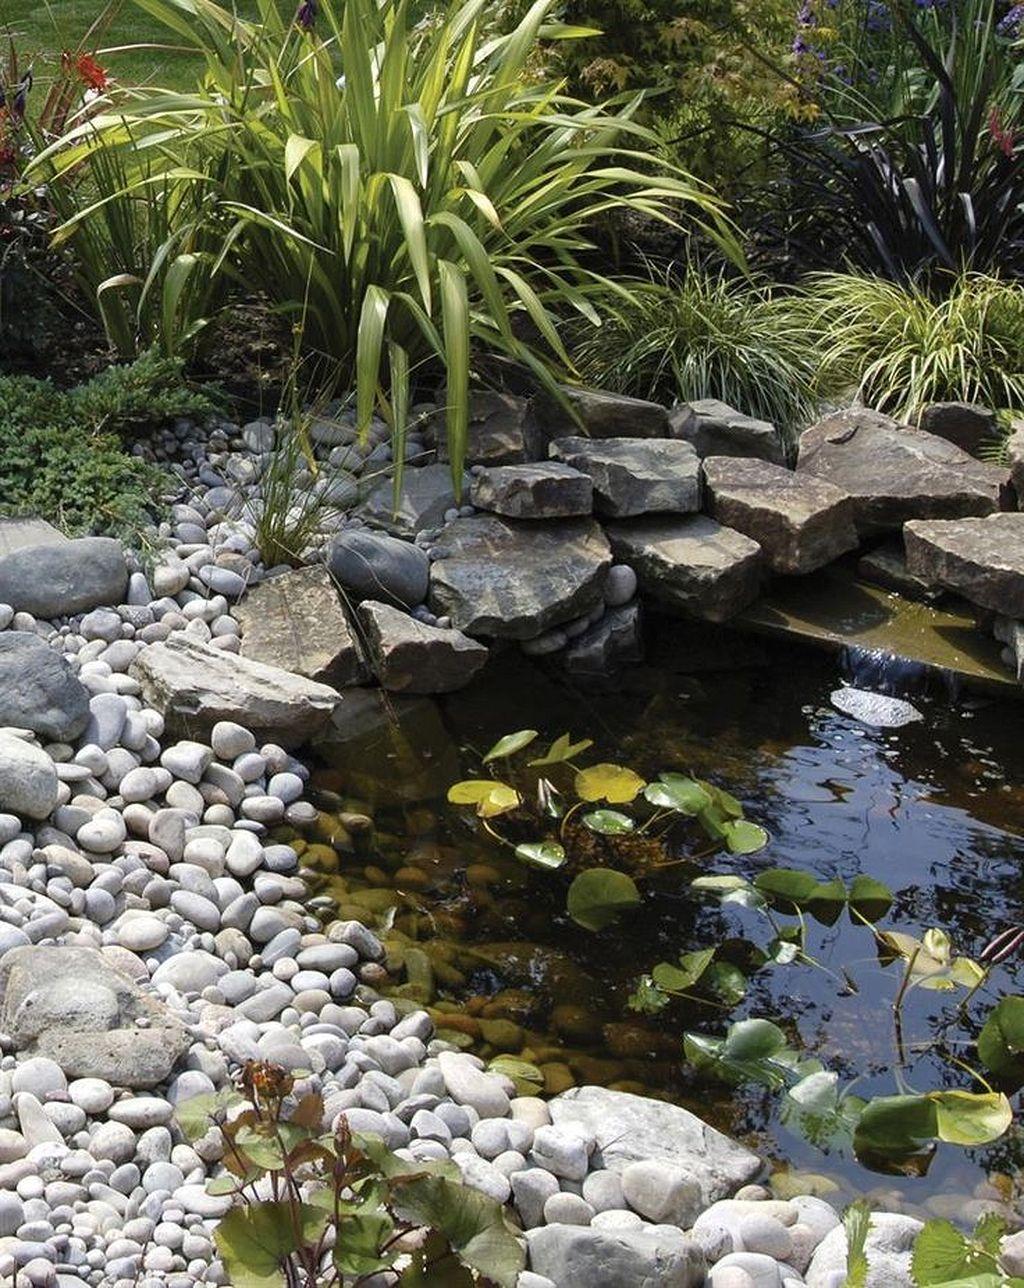 Cool Easy To Build A Better Backyard Garden Pond Https Gardenmagz Com Easy To Build A Better Backya Garden Pond Design Ponds Backyard Ponds For Small Gardens